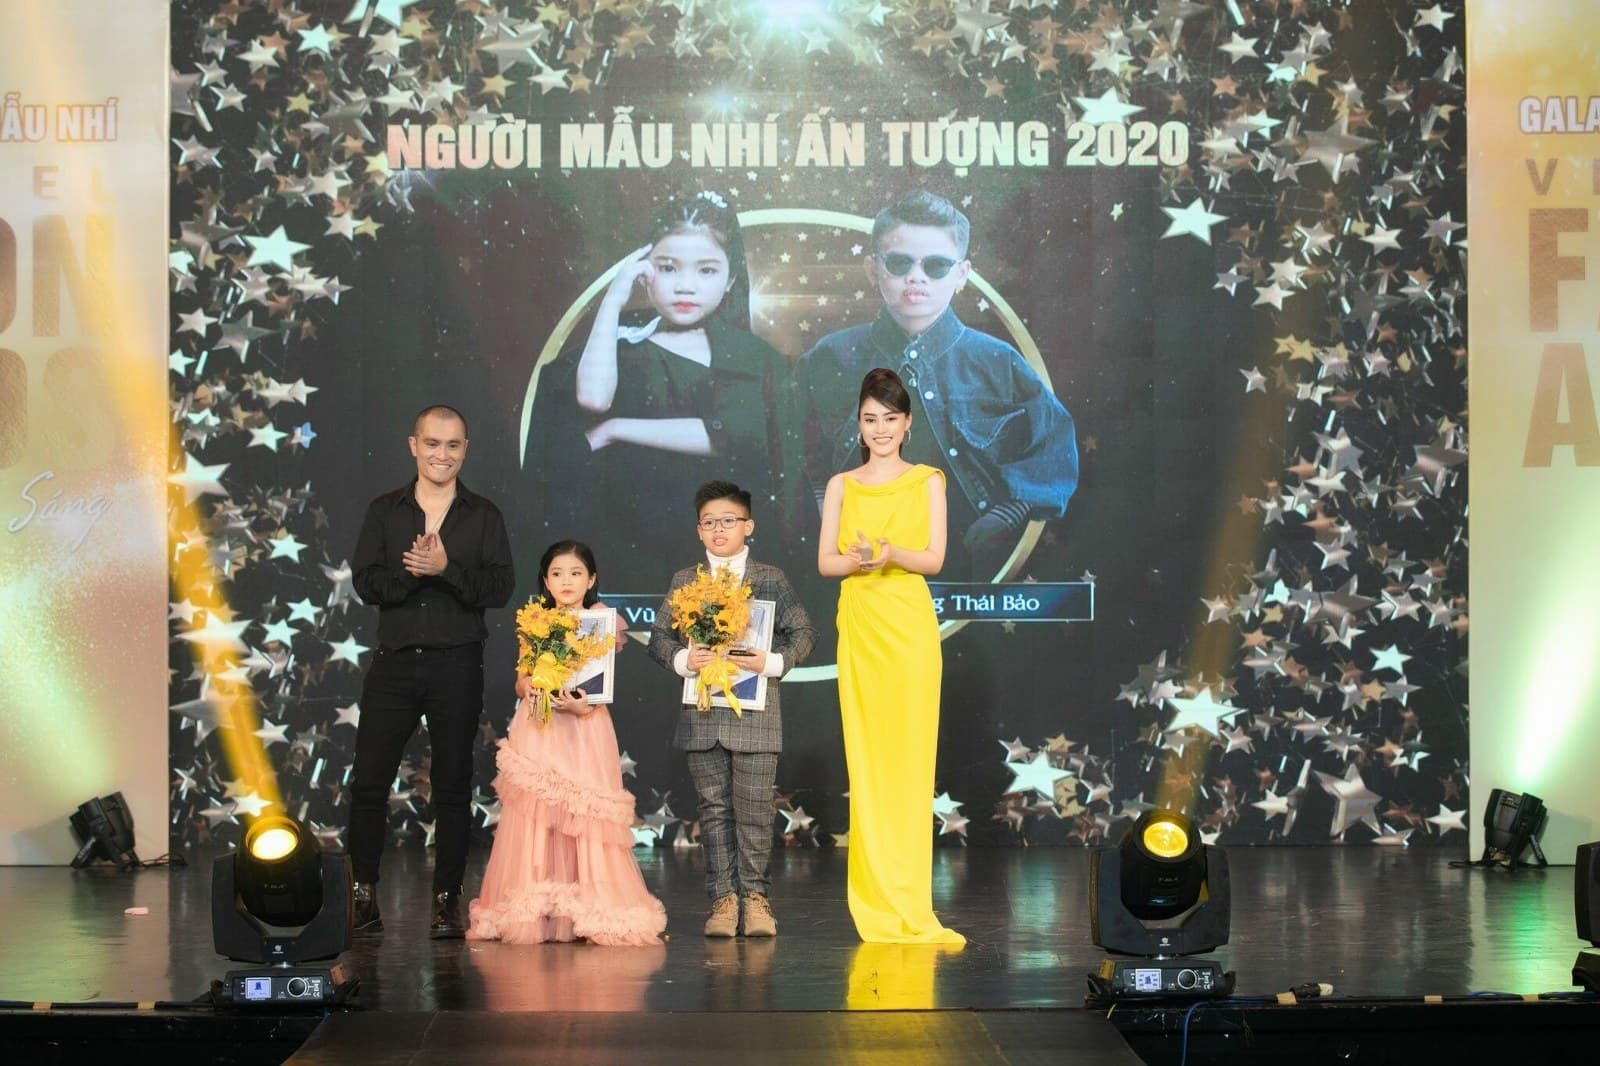 Nhật Dũng, Lý Kim Thảo trao giải cho người mẫu nhí